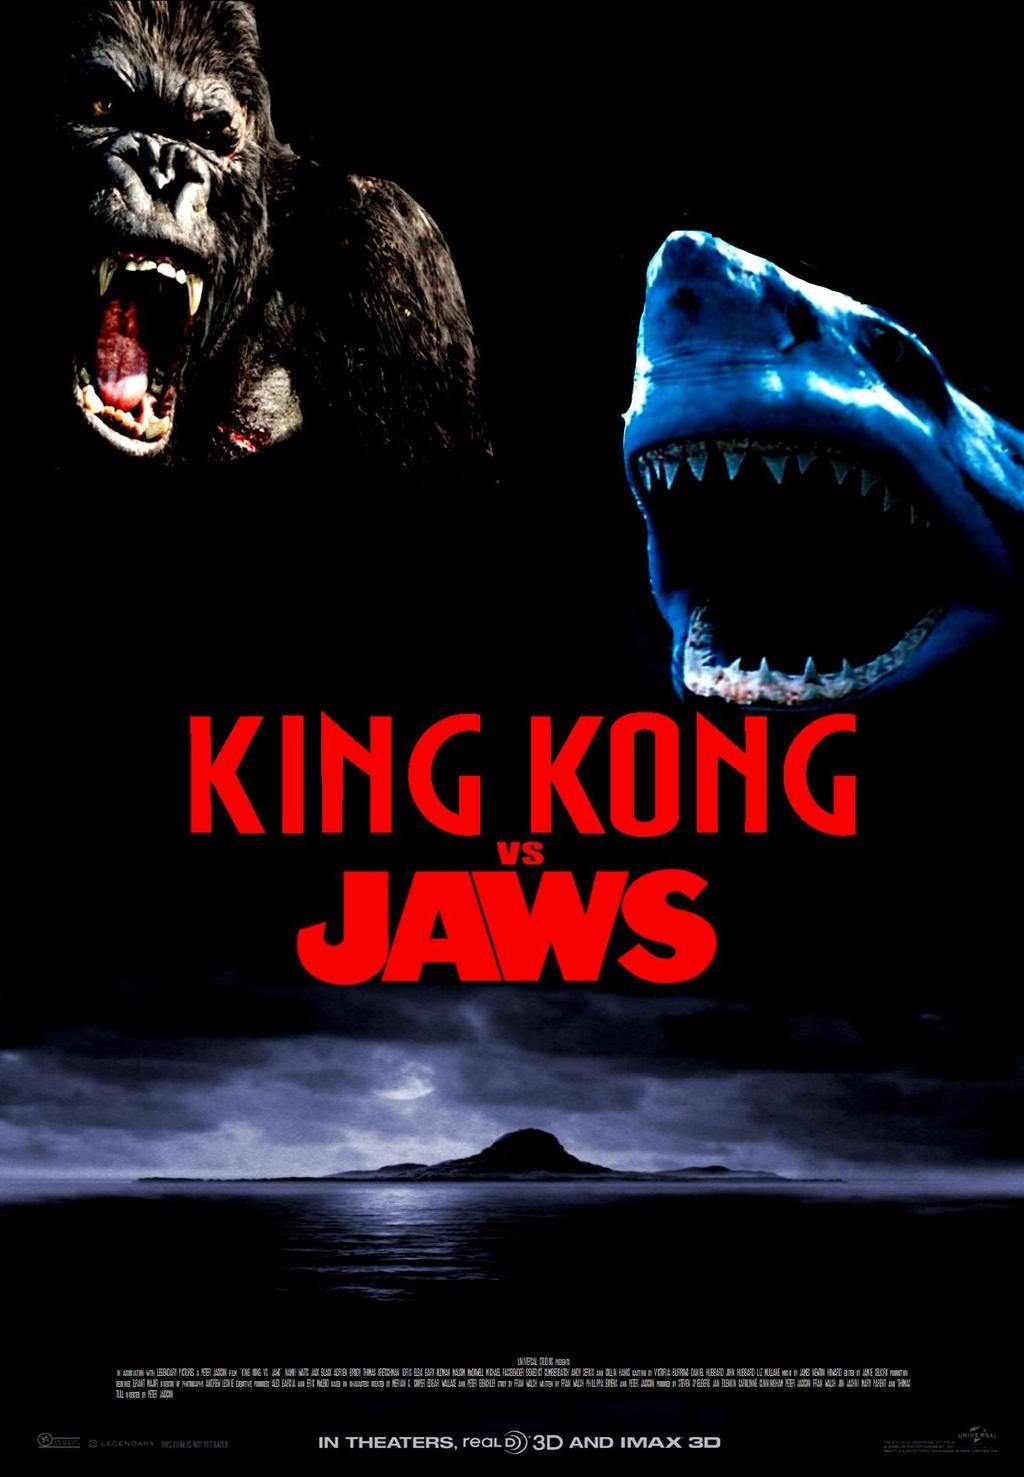 Image Gallery jaws vs king kong